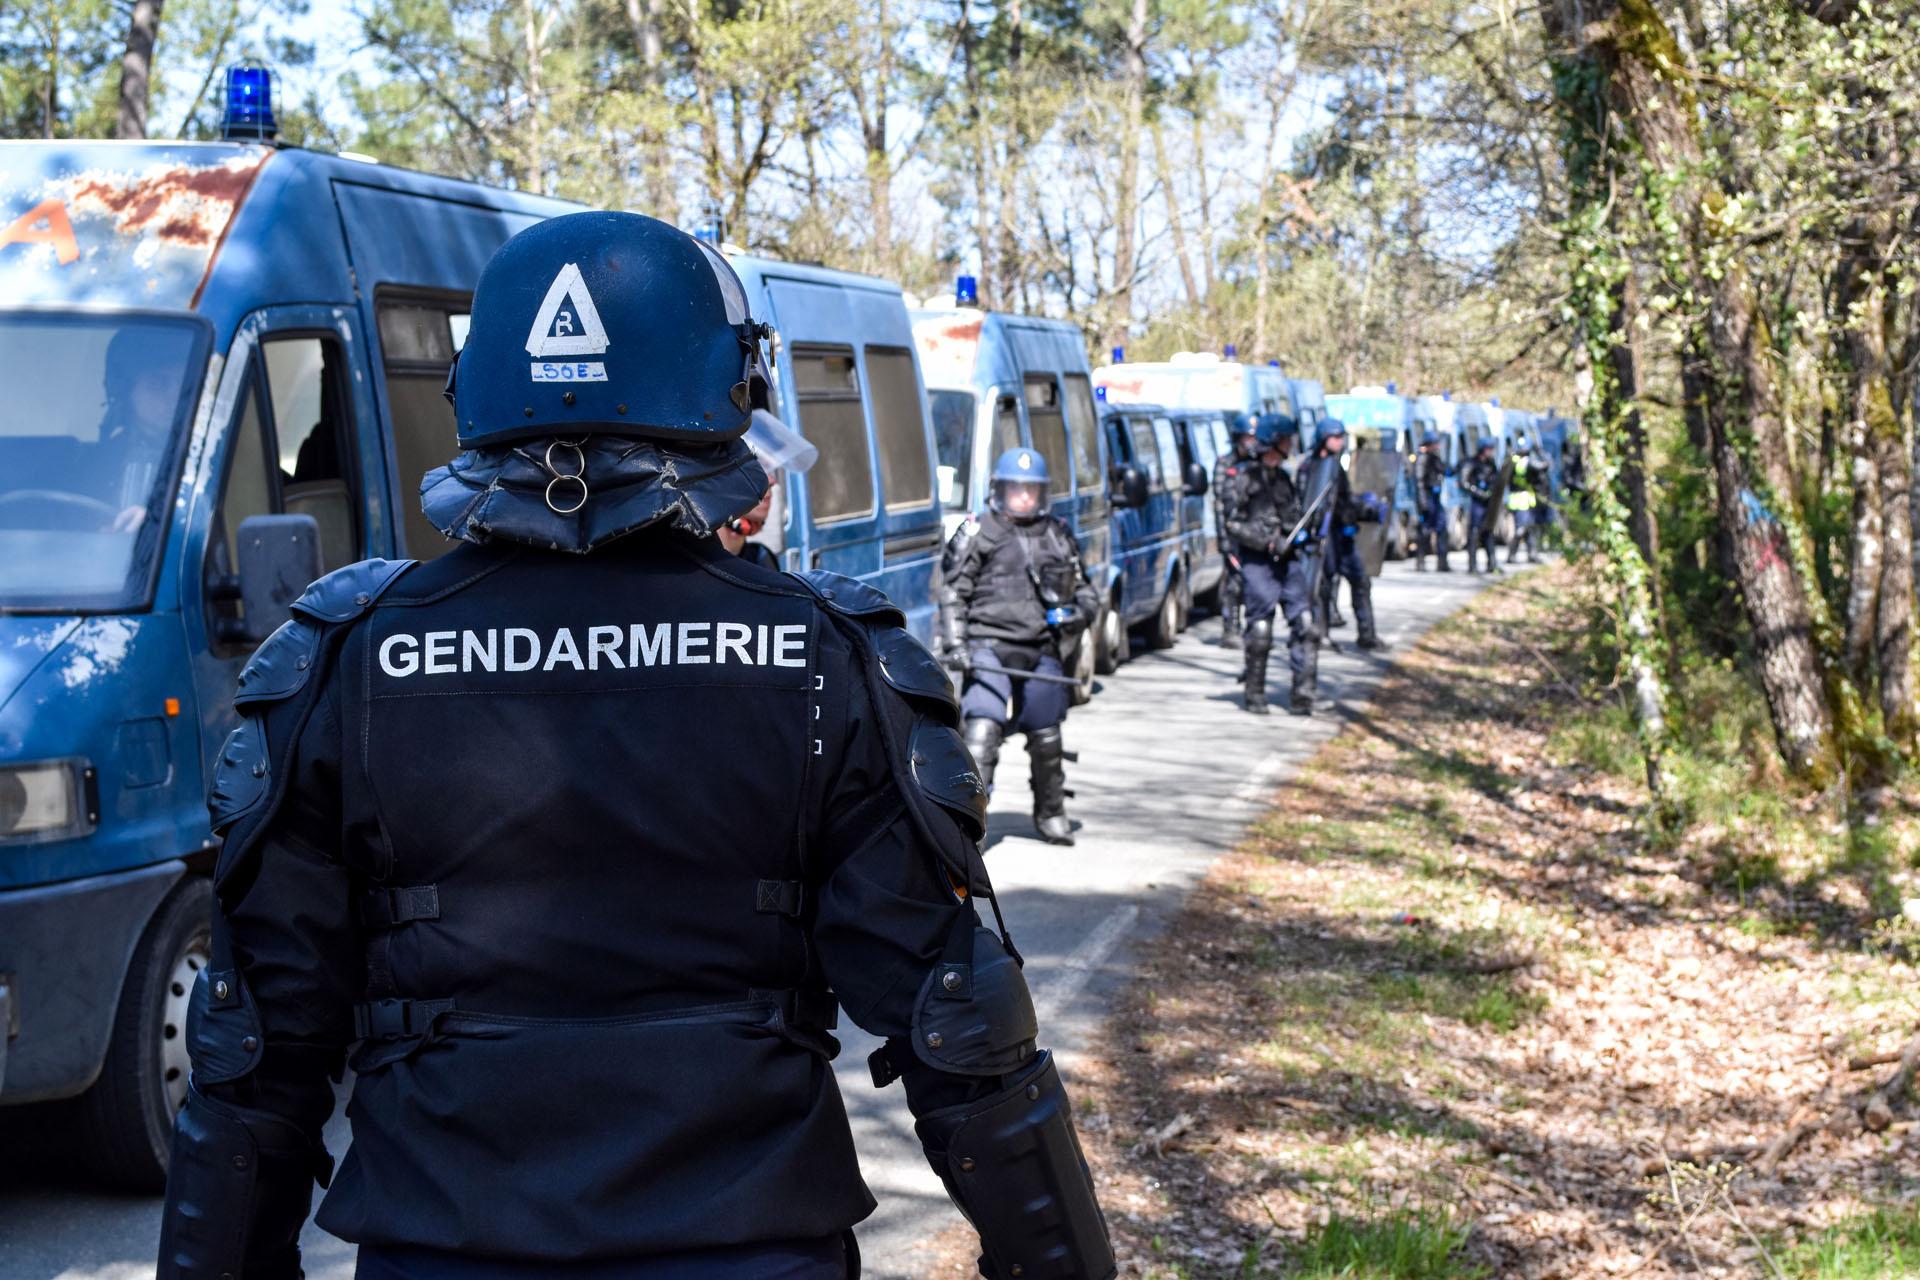 metier-sous-officier-de-gendarmerie